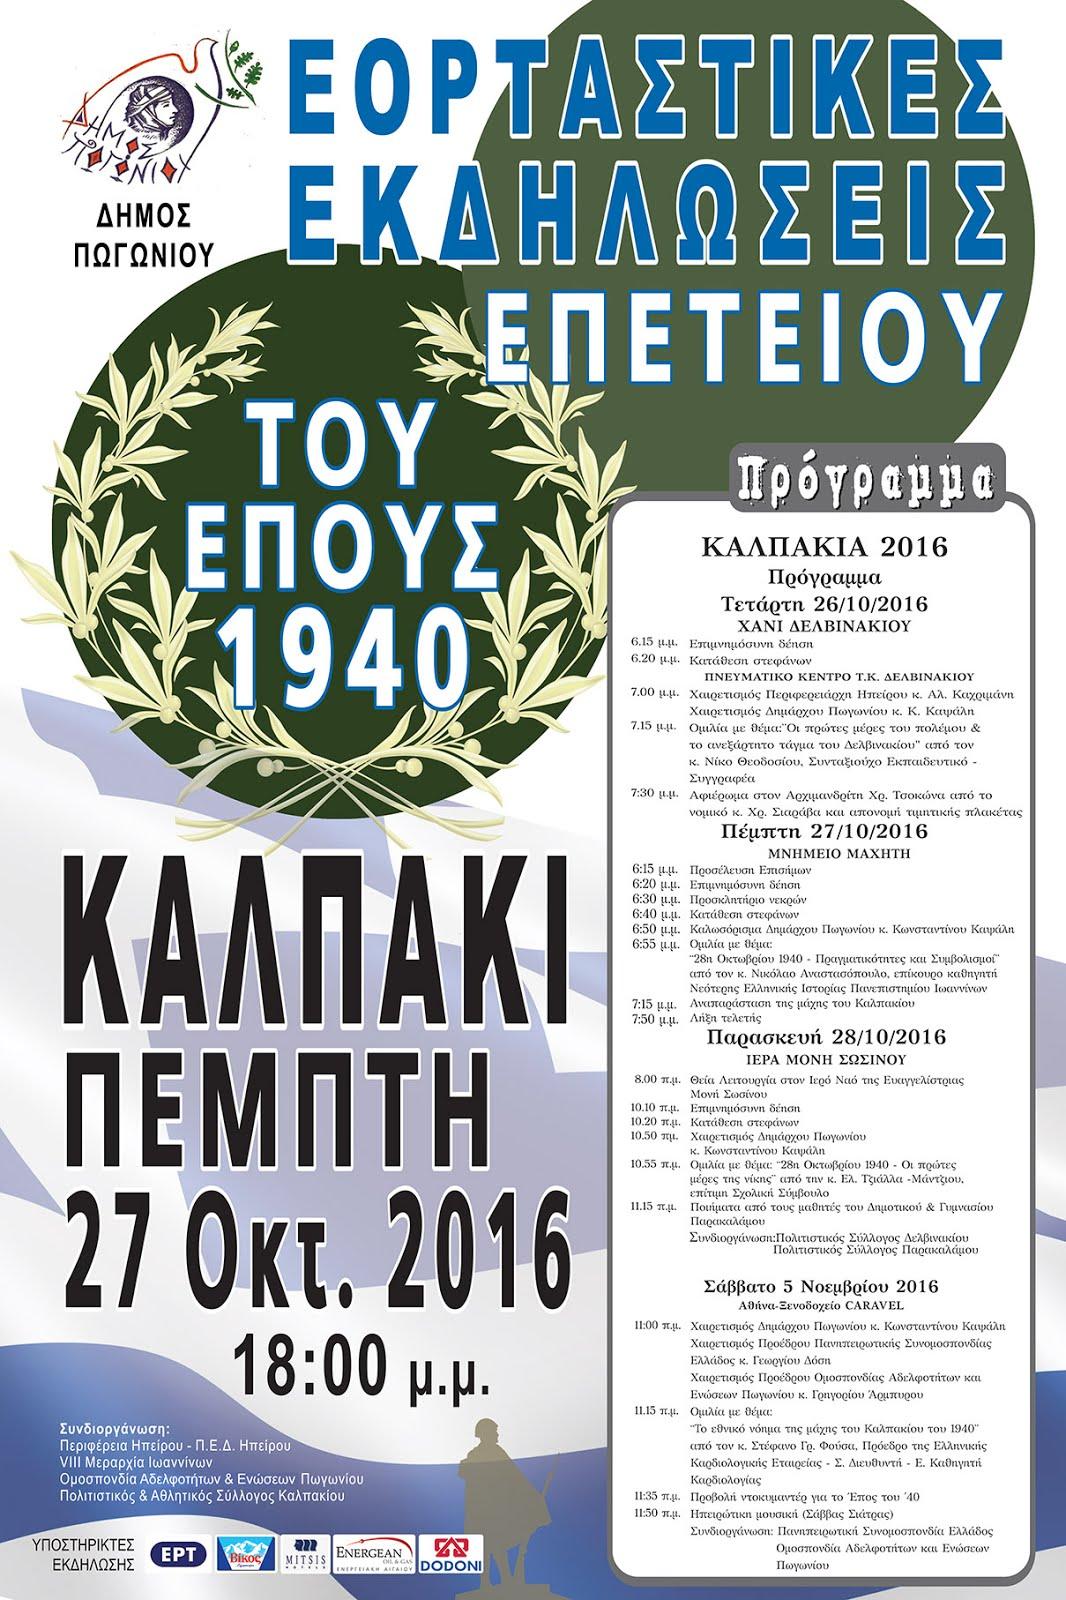 """ΔΗΜΟΣ ΠΩΓΩΝΙΟΥ: Πρόγραμμα εορταστικών εκδηλώσεων """"ΚΑΛΠΑΚΙΑ 2016"""" 26, 27, 28 Οκτωβρίου 2016"""